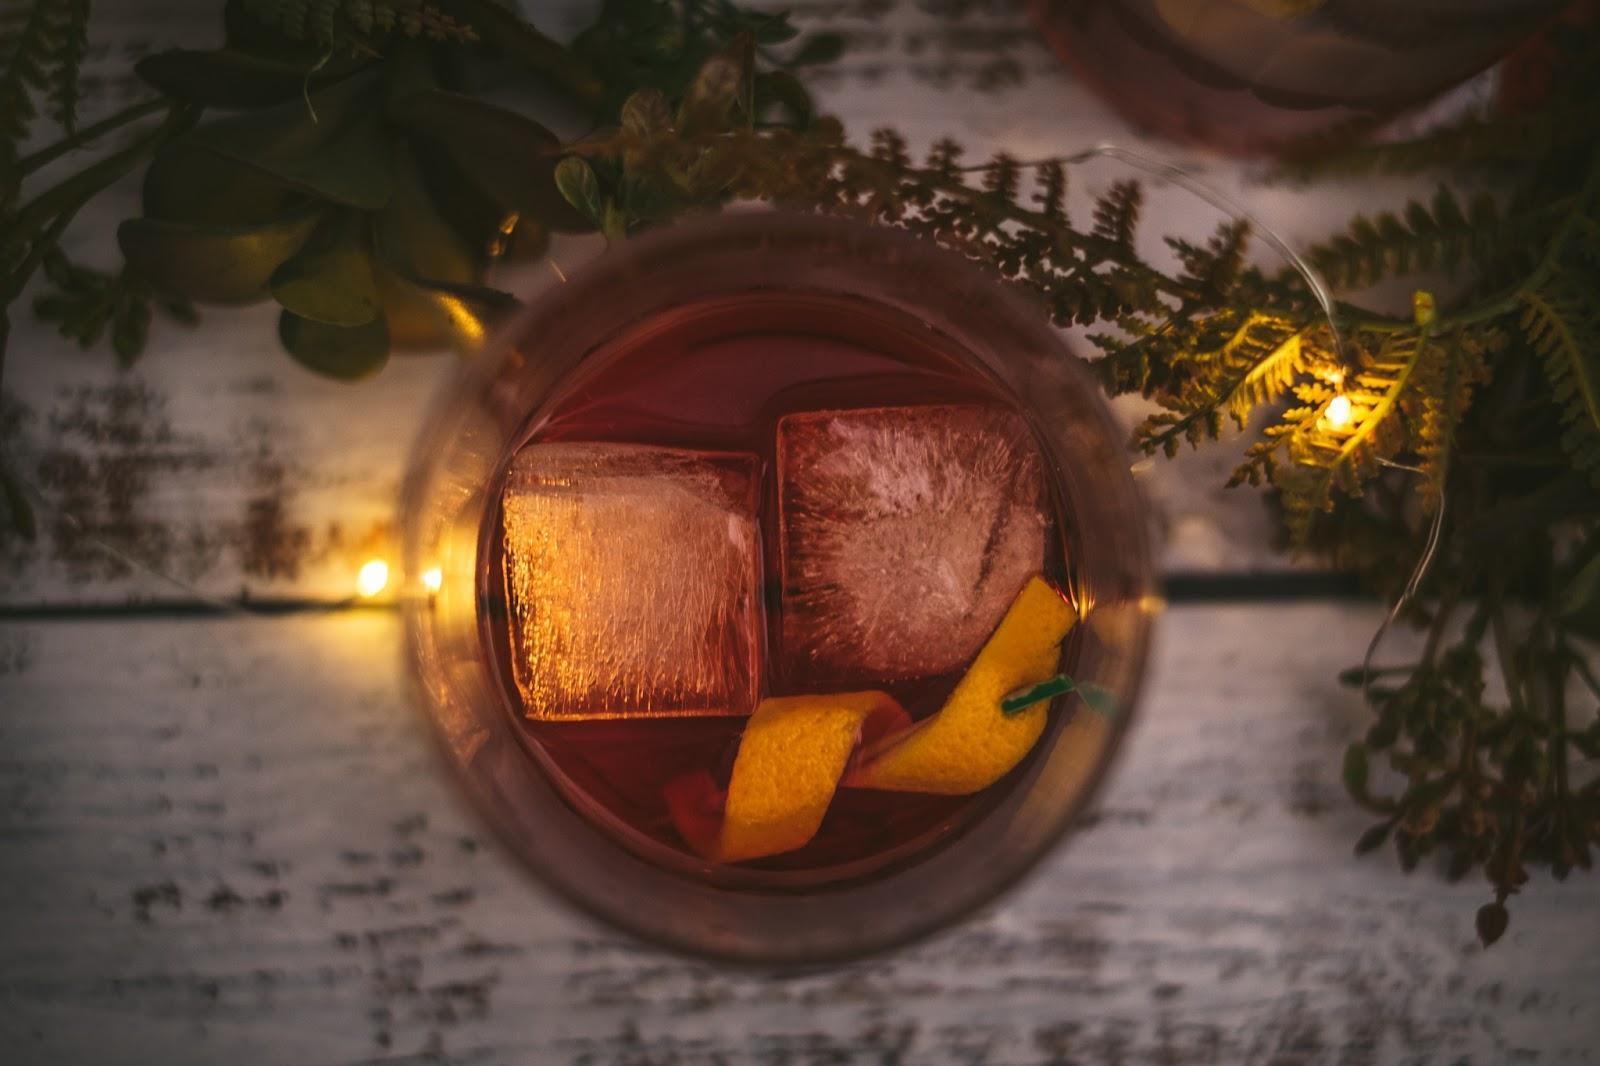 orange peel in drink